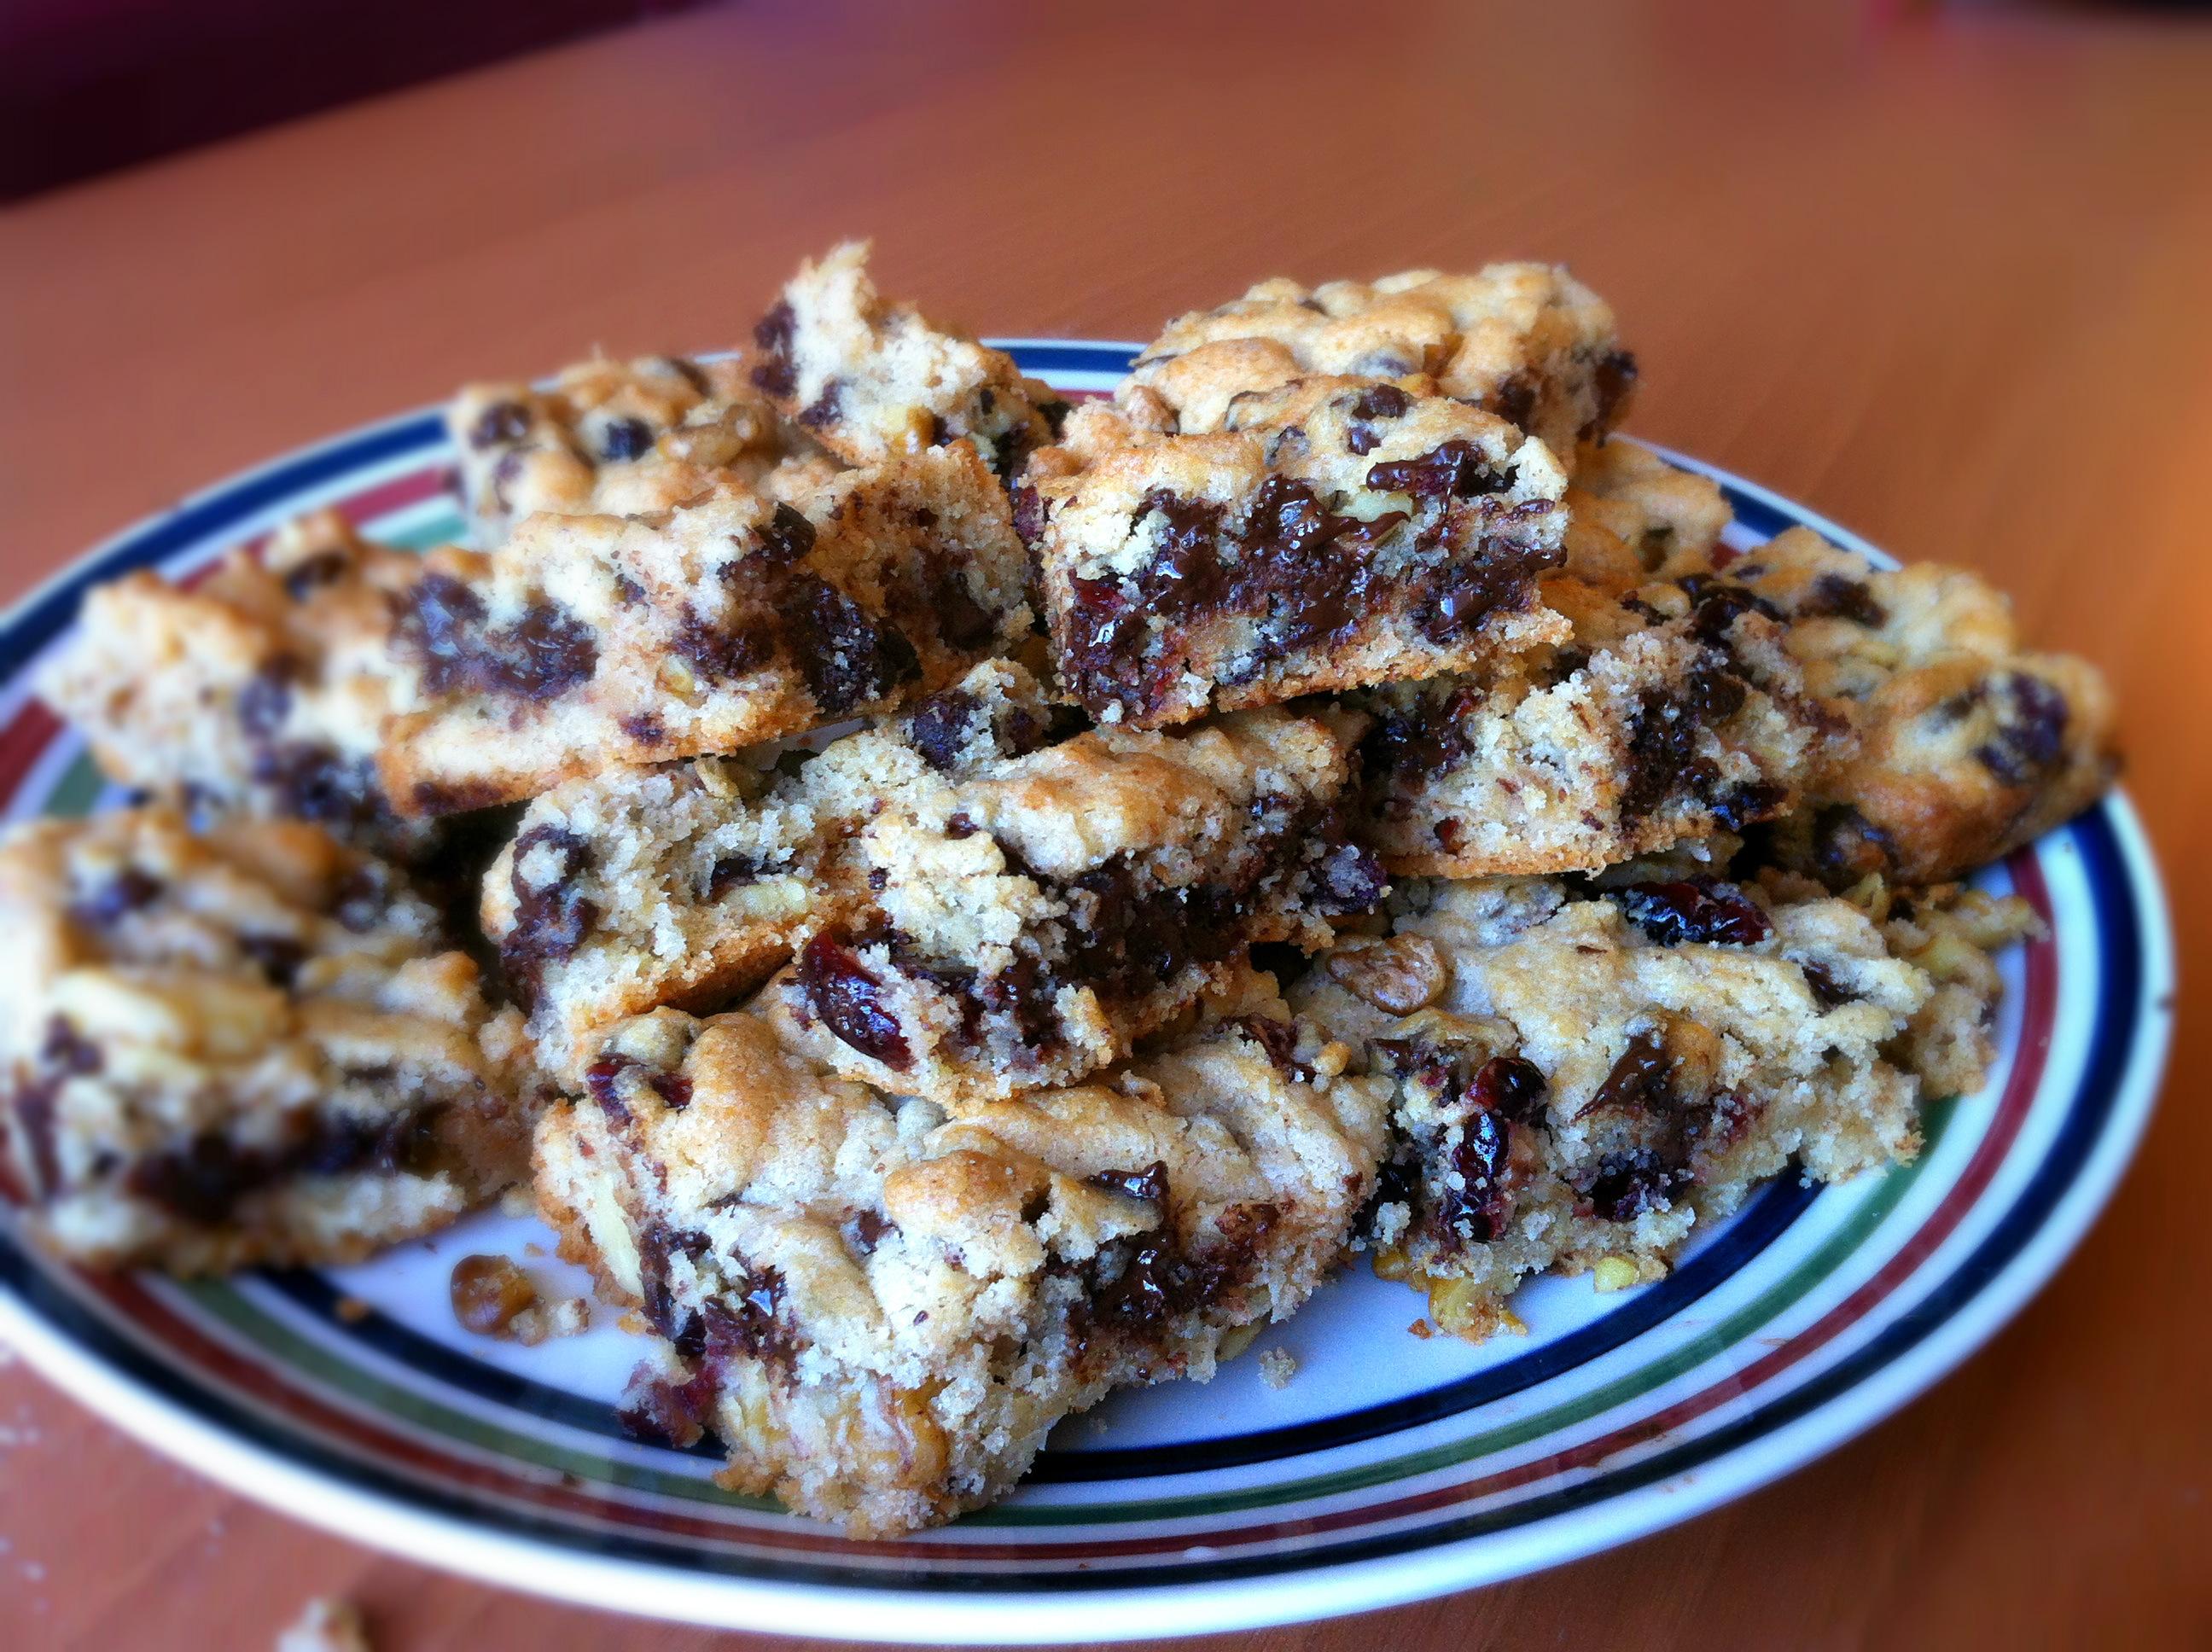 crunchy chewy kitchen sink cookies kitchen sink cookies Crunchy Chewy Kitchen Sink Cookies